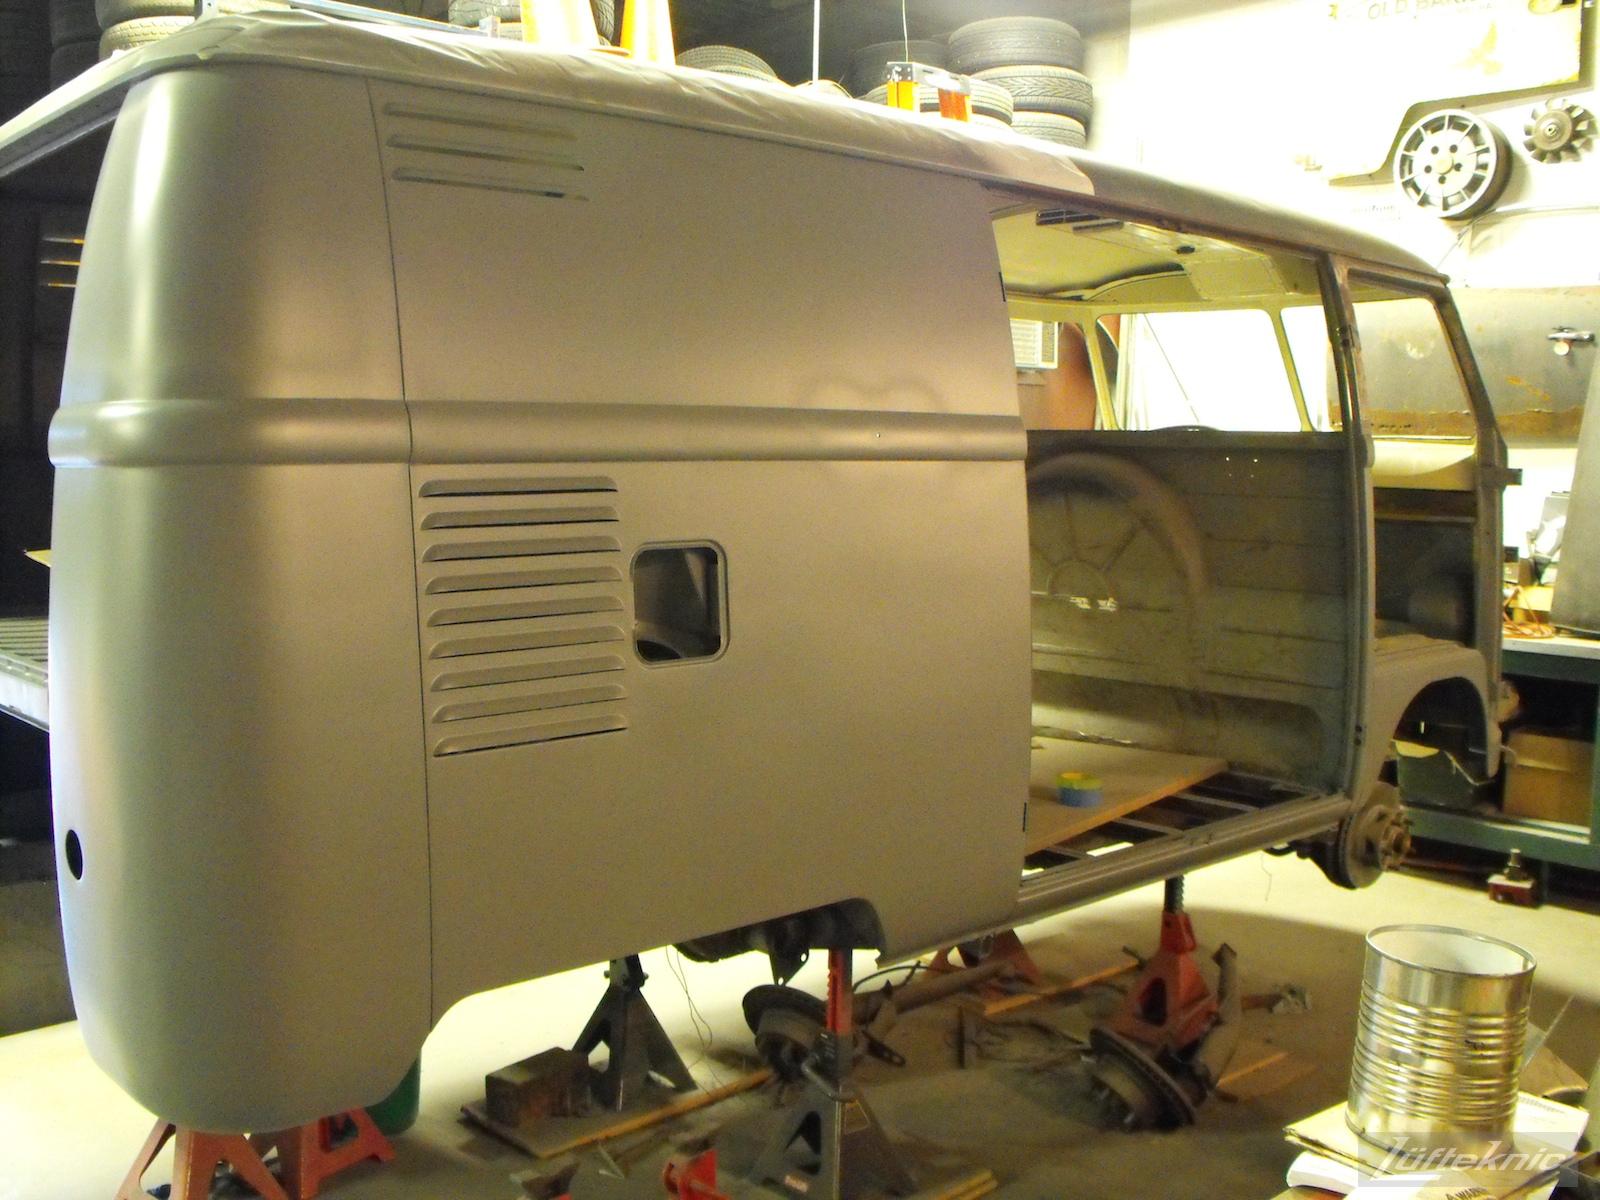 1956 Volkswagen double panel Transporter Porsche Bus in primer.